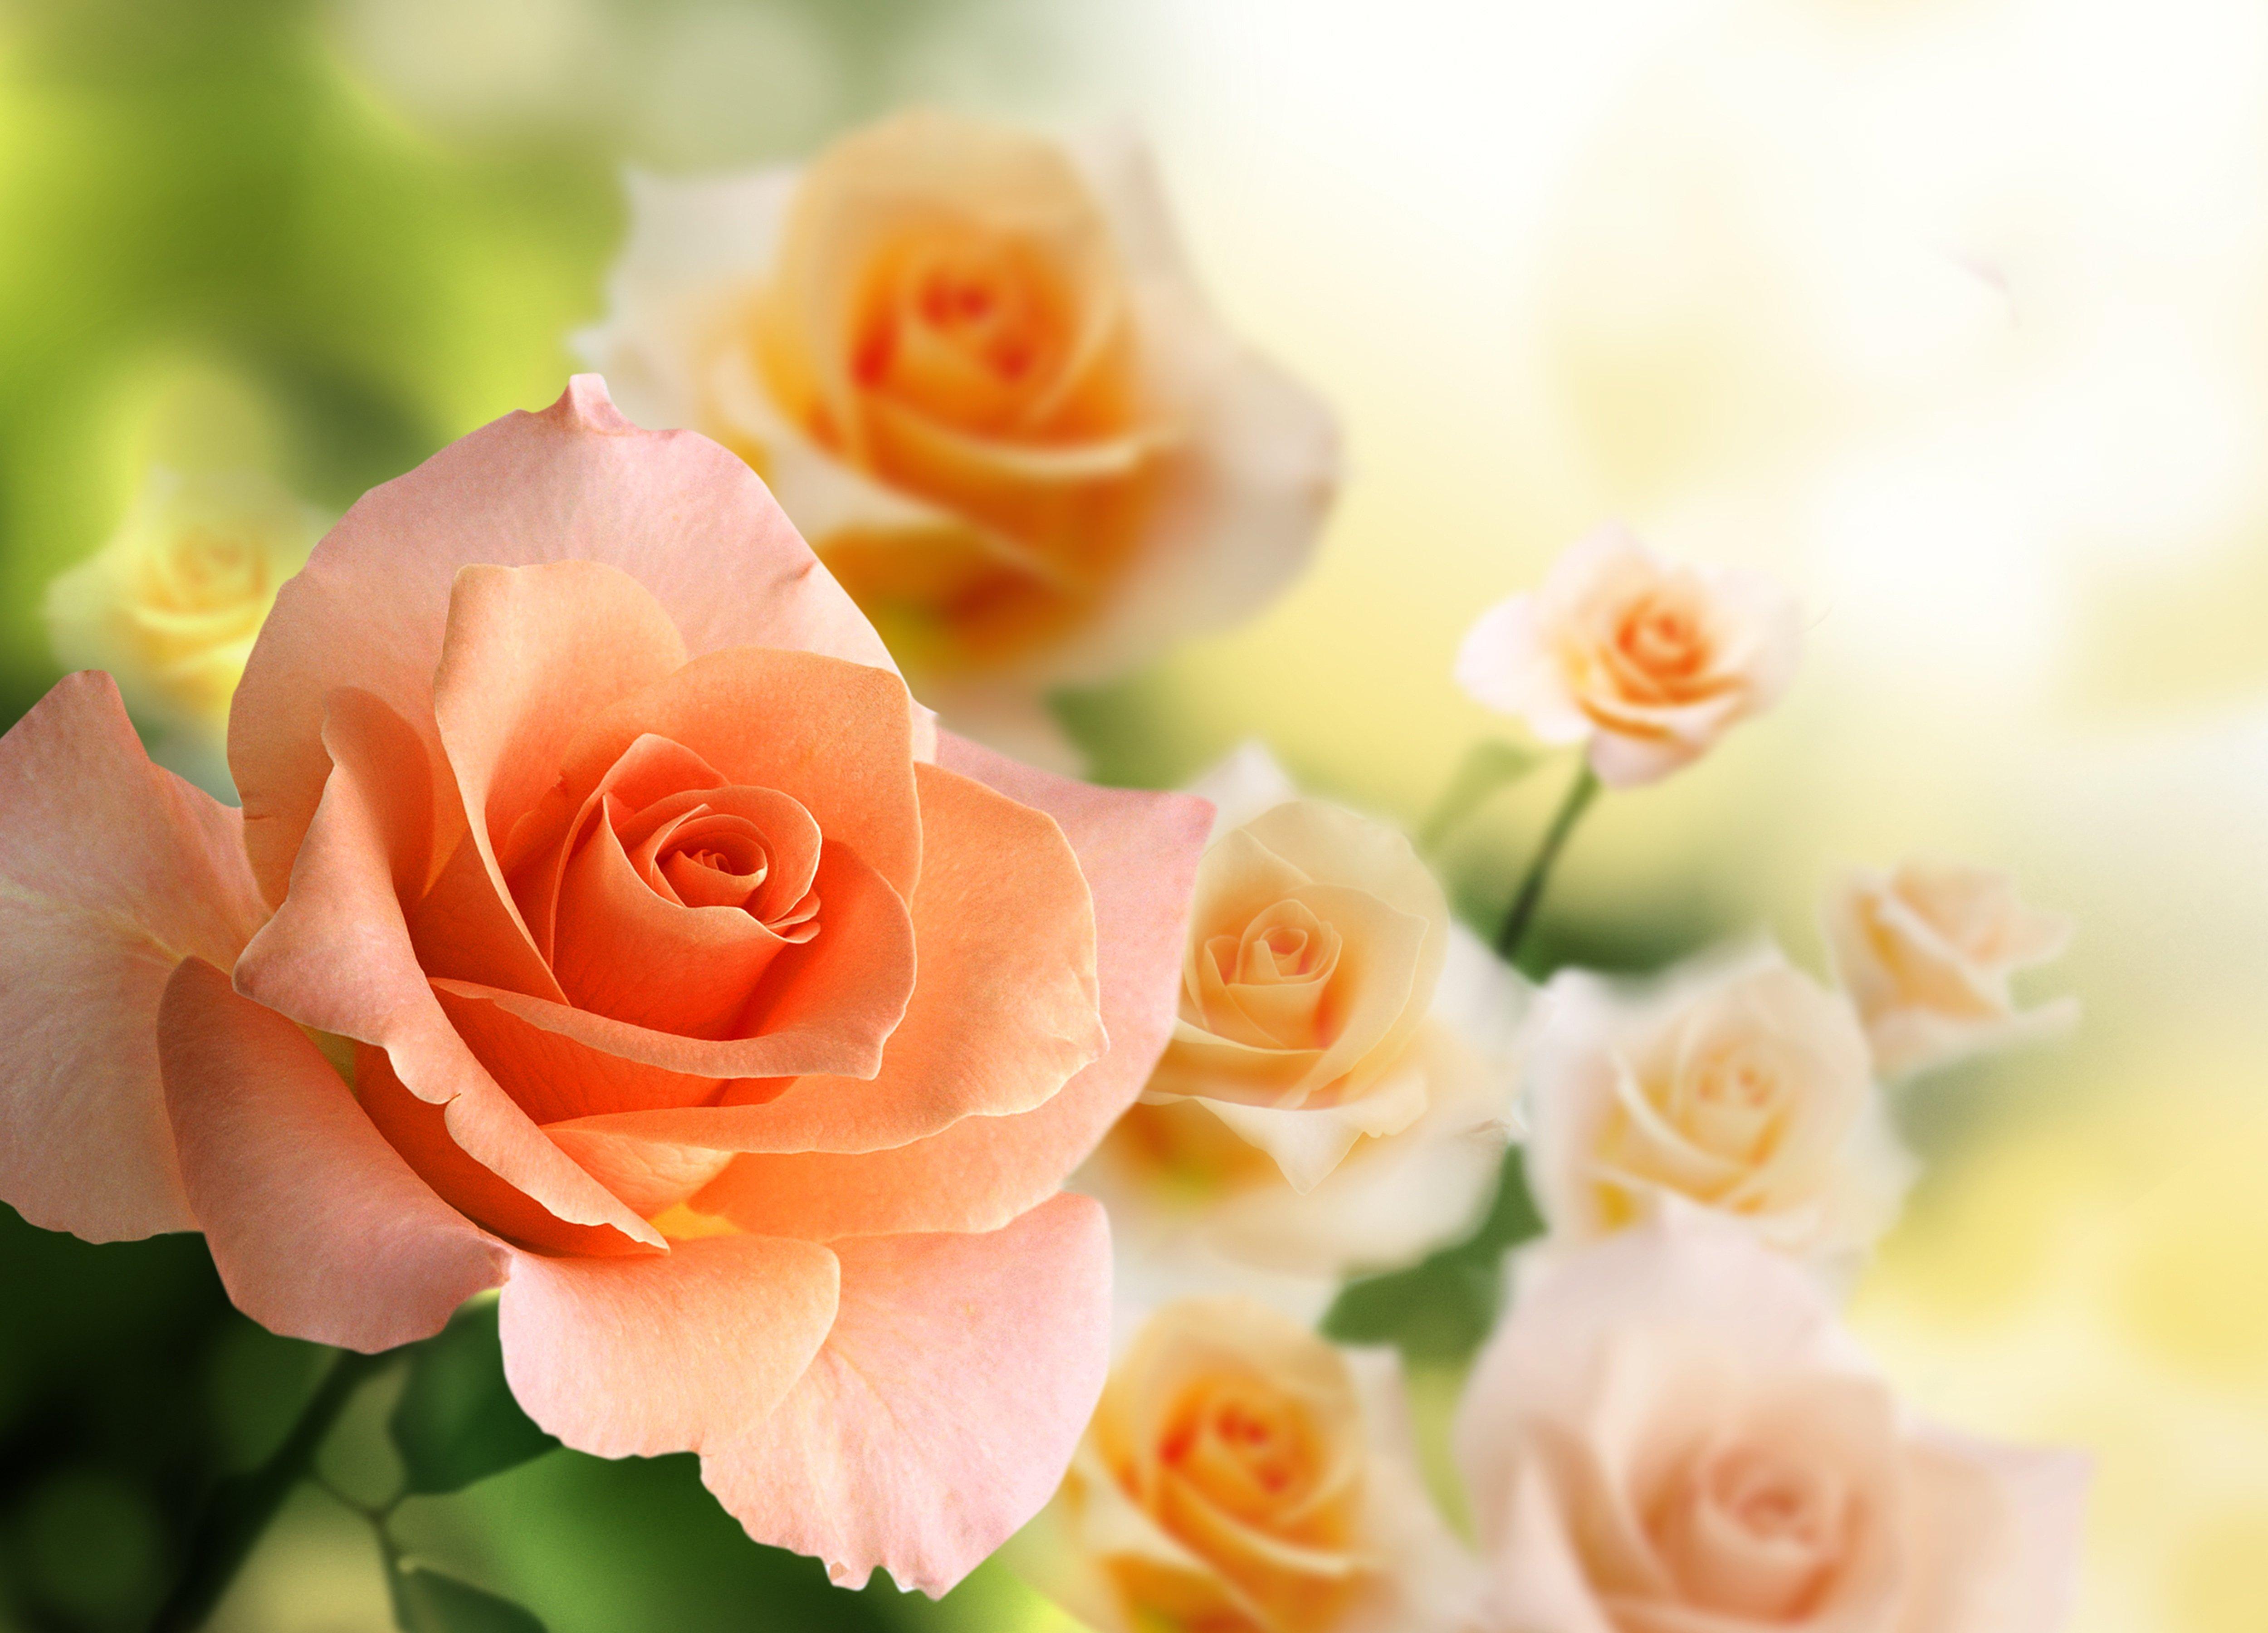 Картинки, фон с розами для открытки женщине